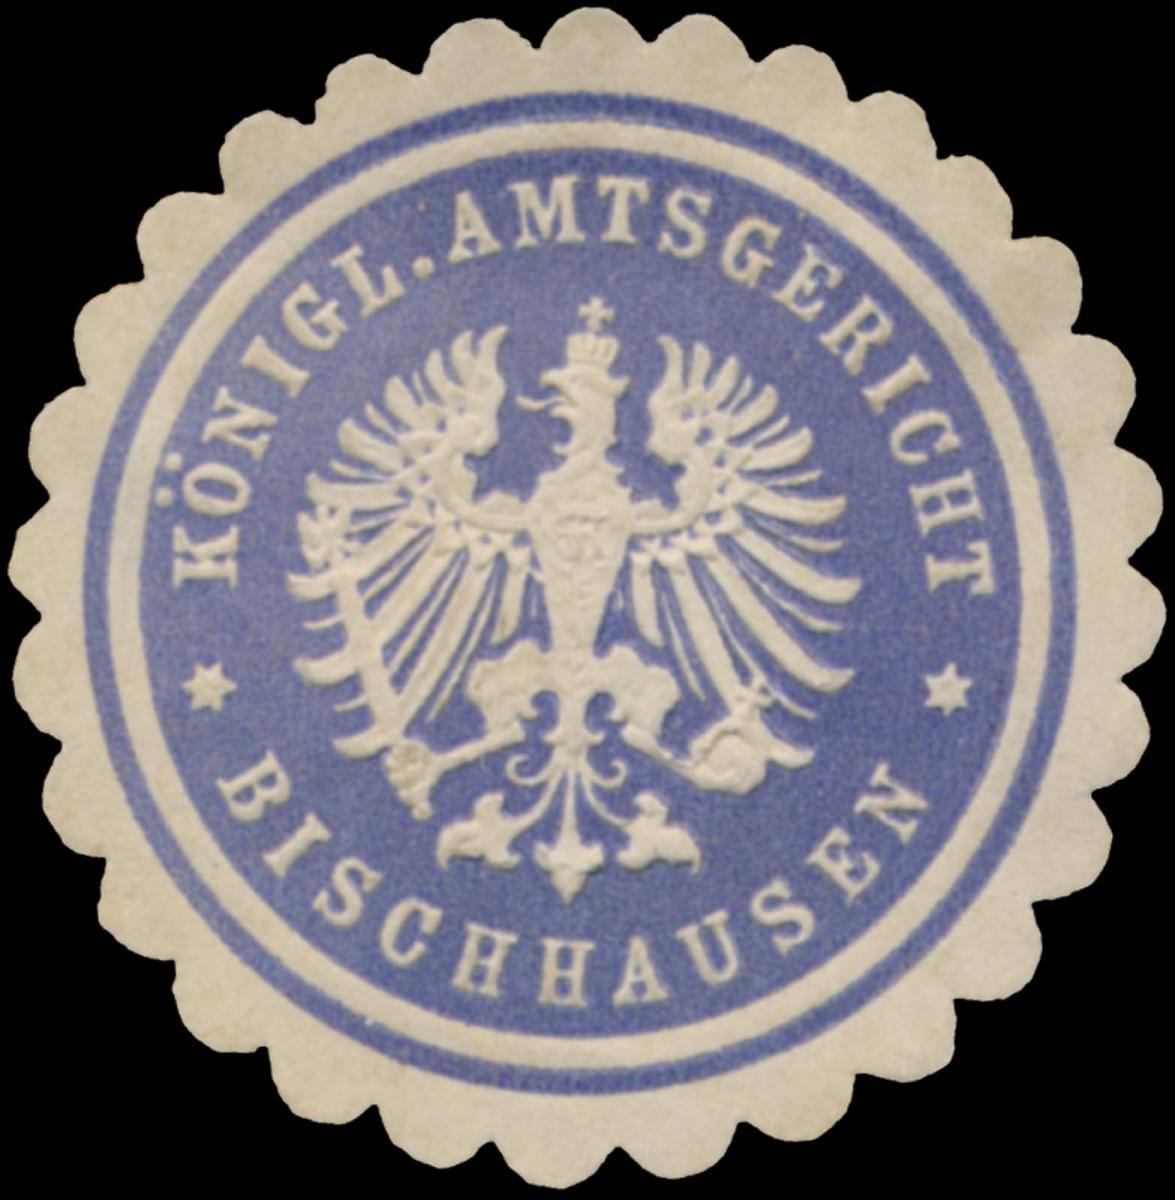 K. Amtsgericht Bischhausen